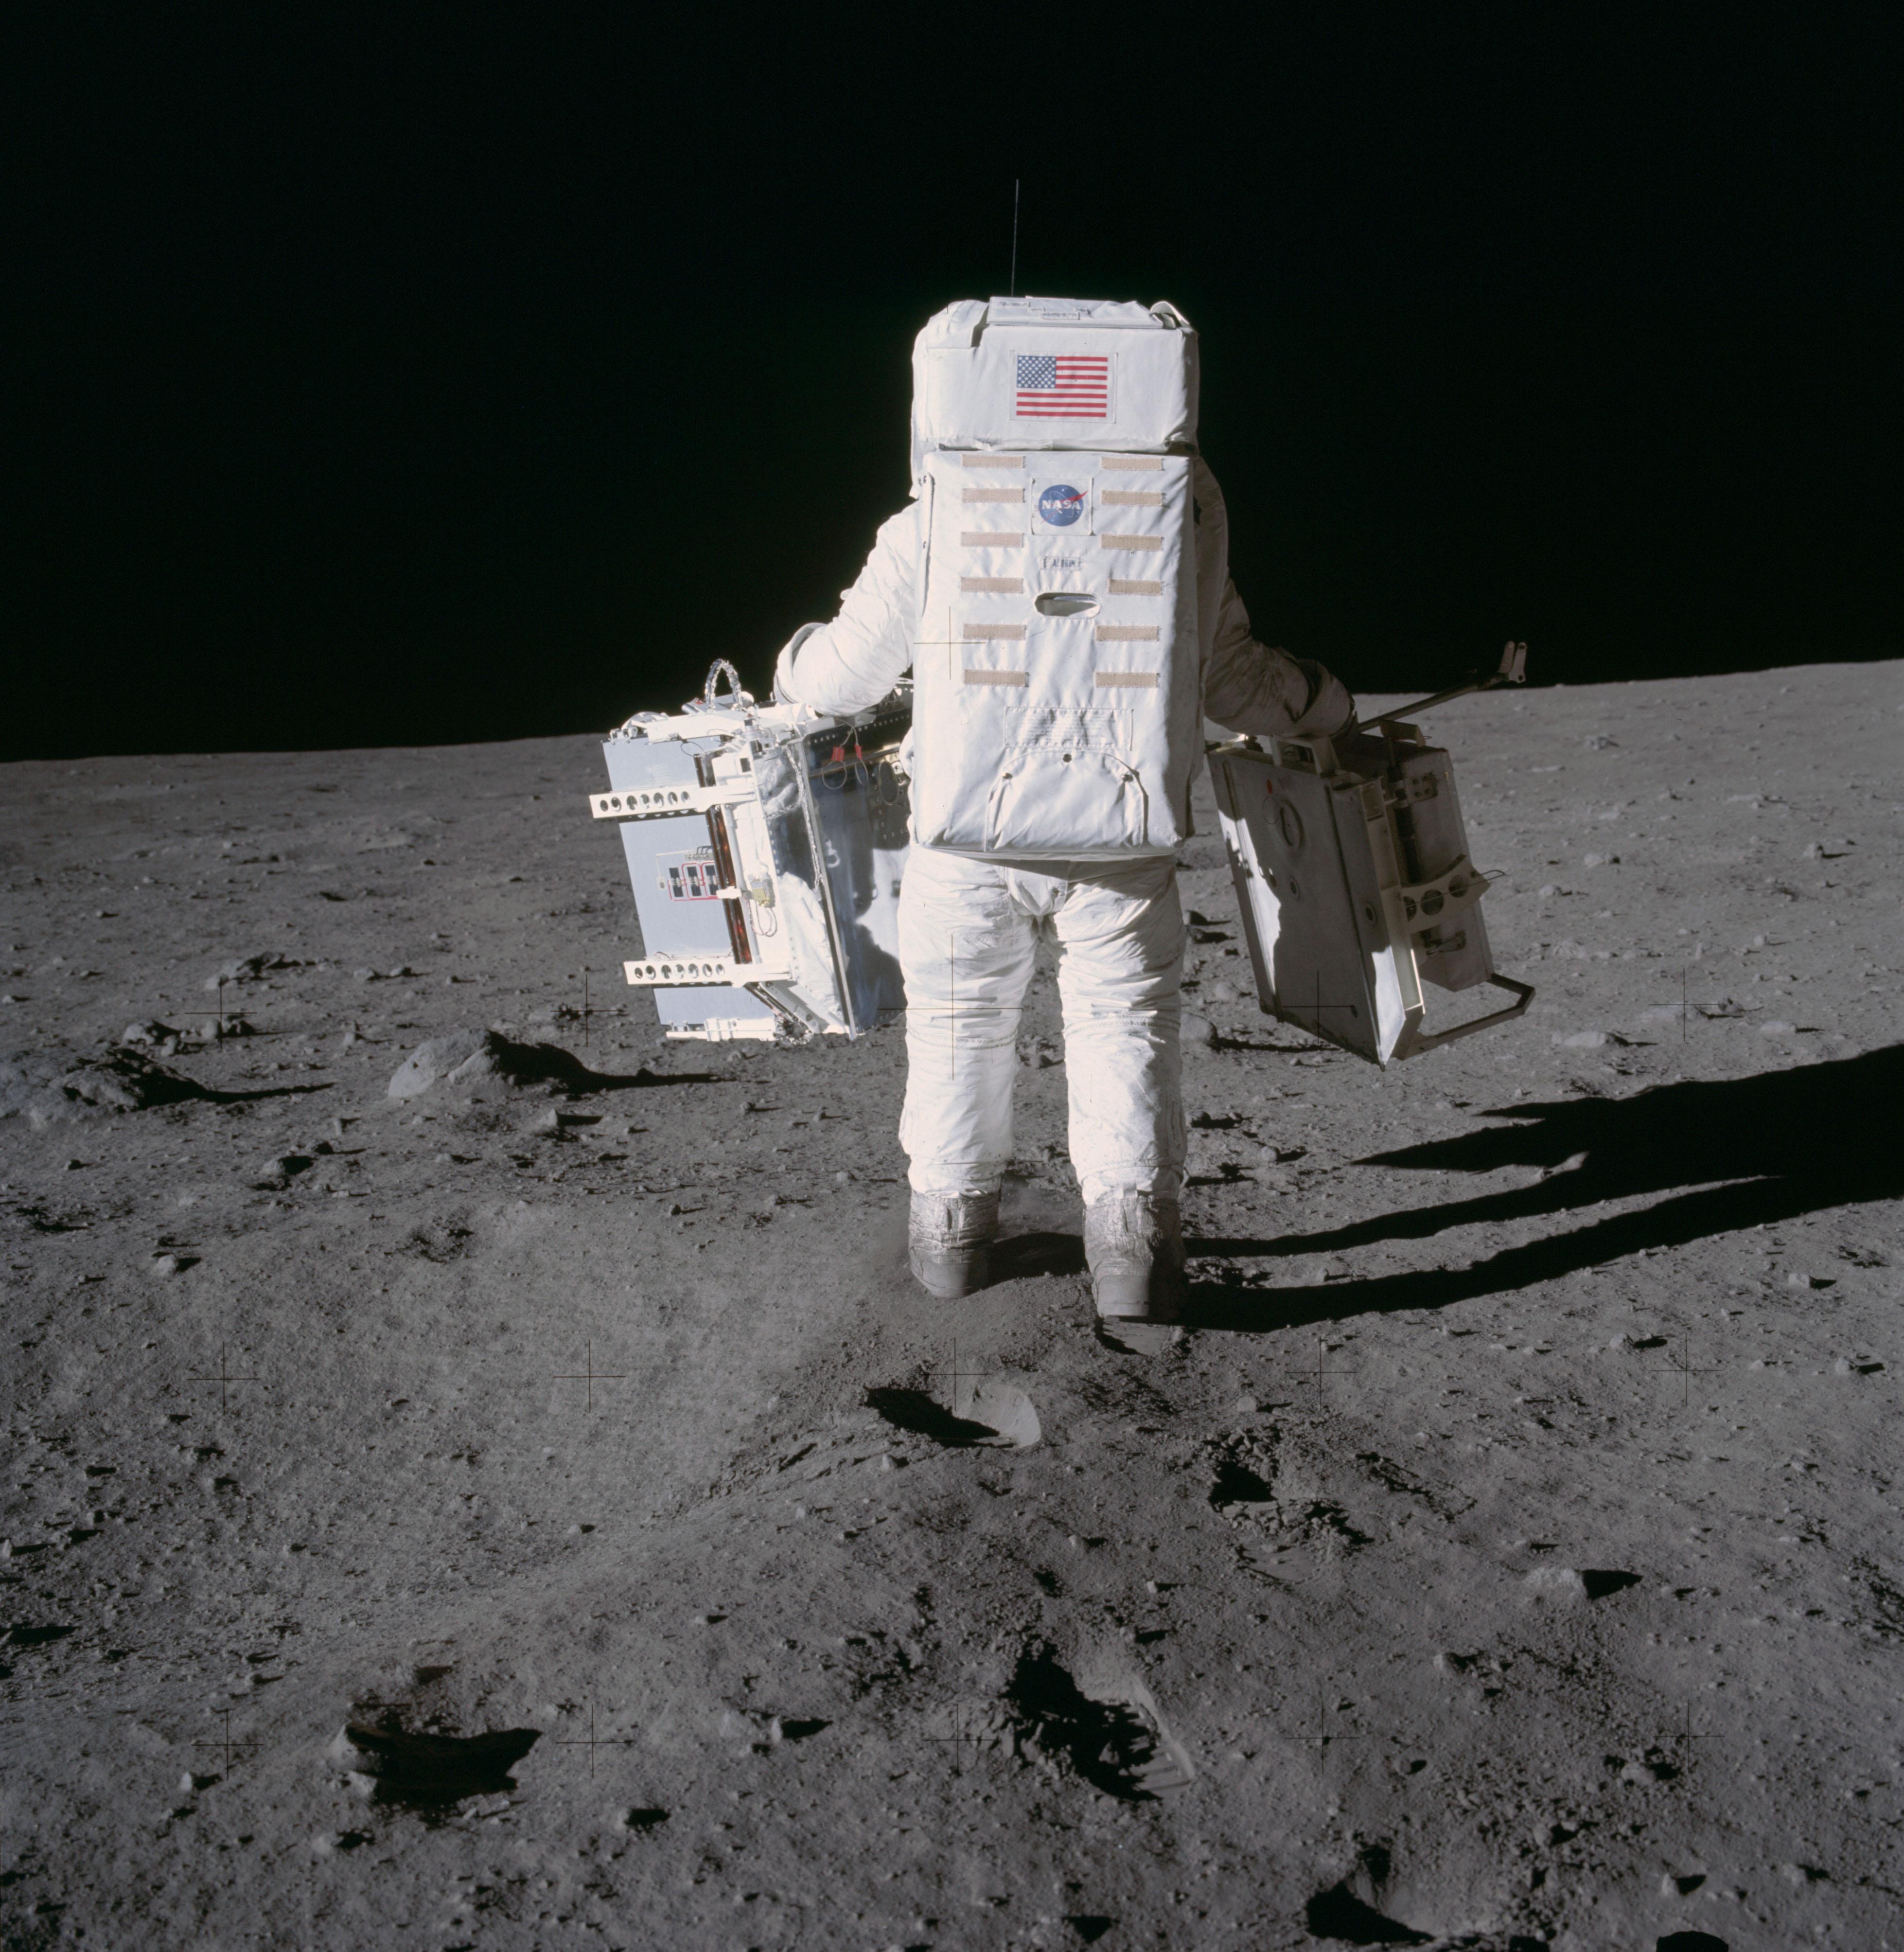 apollo 11 moonwalk - photo #16